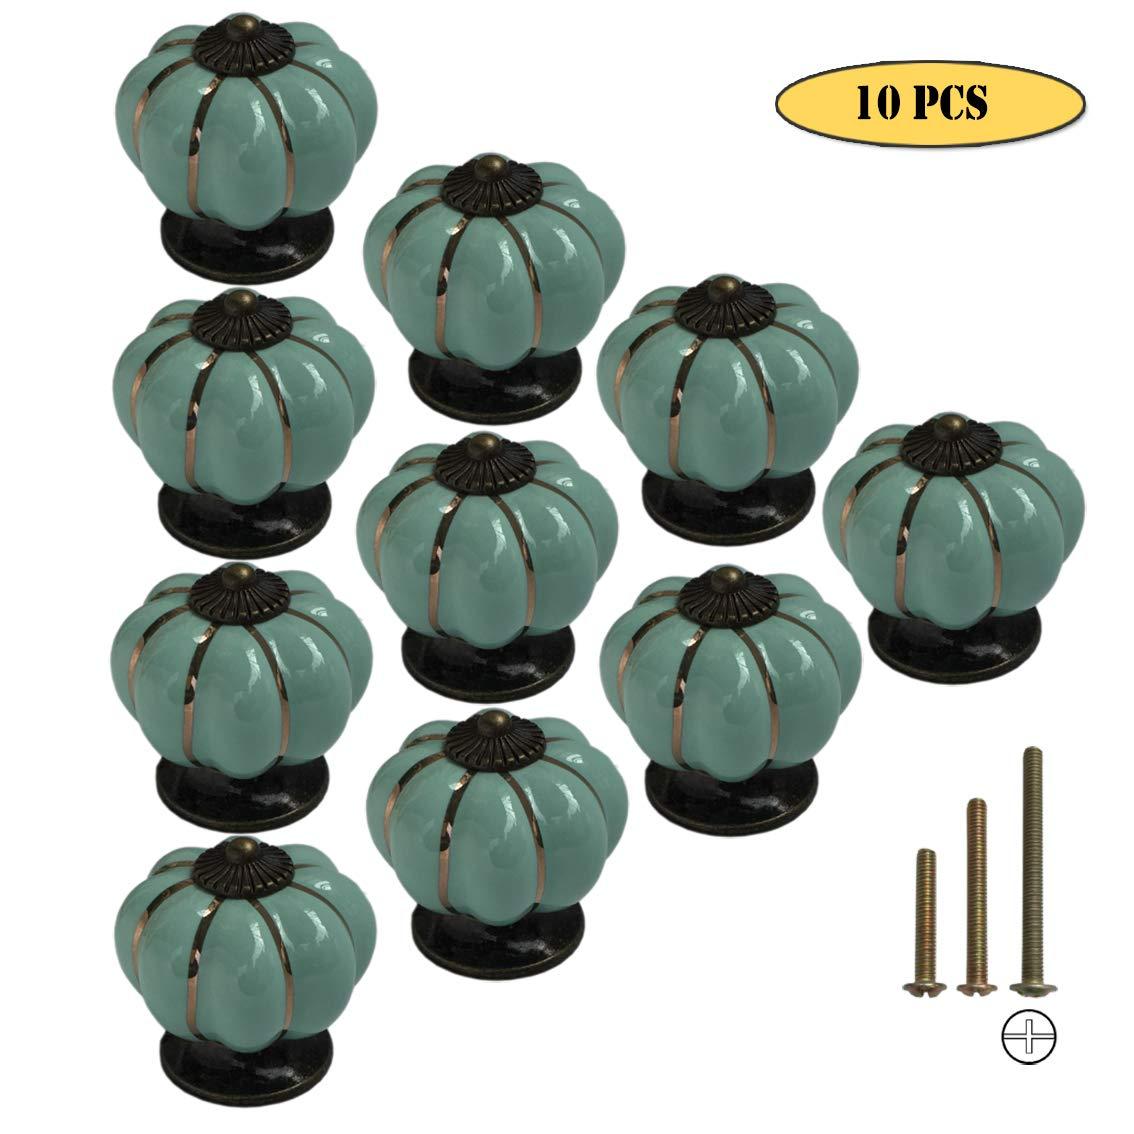 Atfung Keramik M/öbelkn/öpfe M/öbelgriff Griffe f/ür M/öbel Schubladengriffe K/önigsblau Vintage Schubladenknopf Durchmesser: /≈40mm Schrankgriffe 10er-Pack